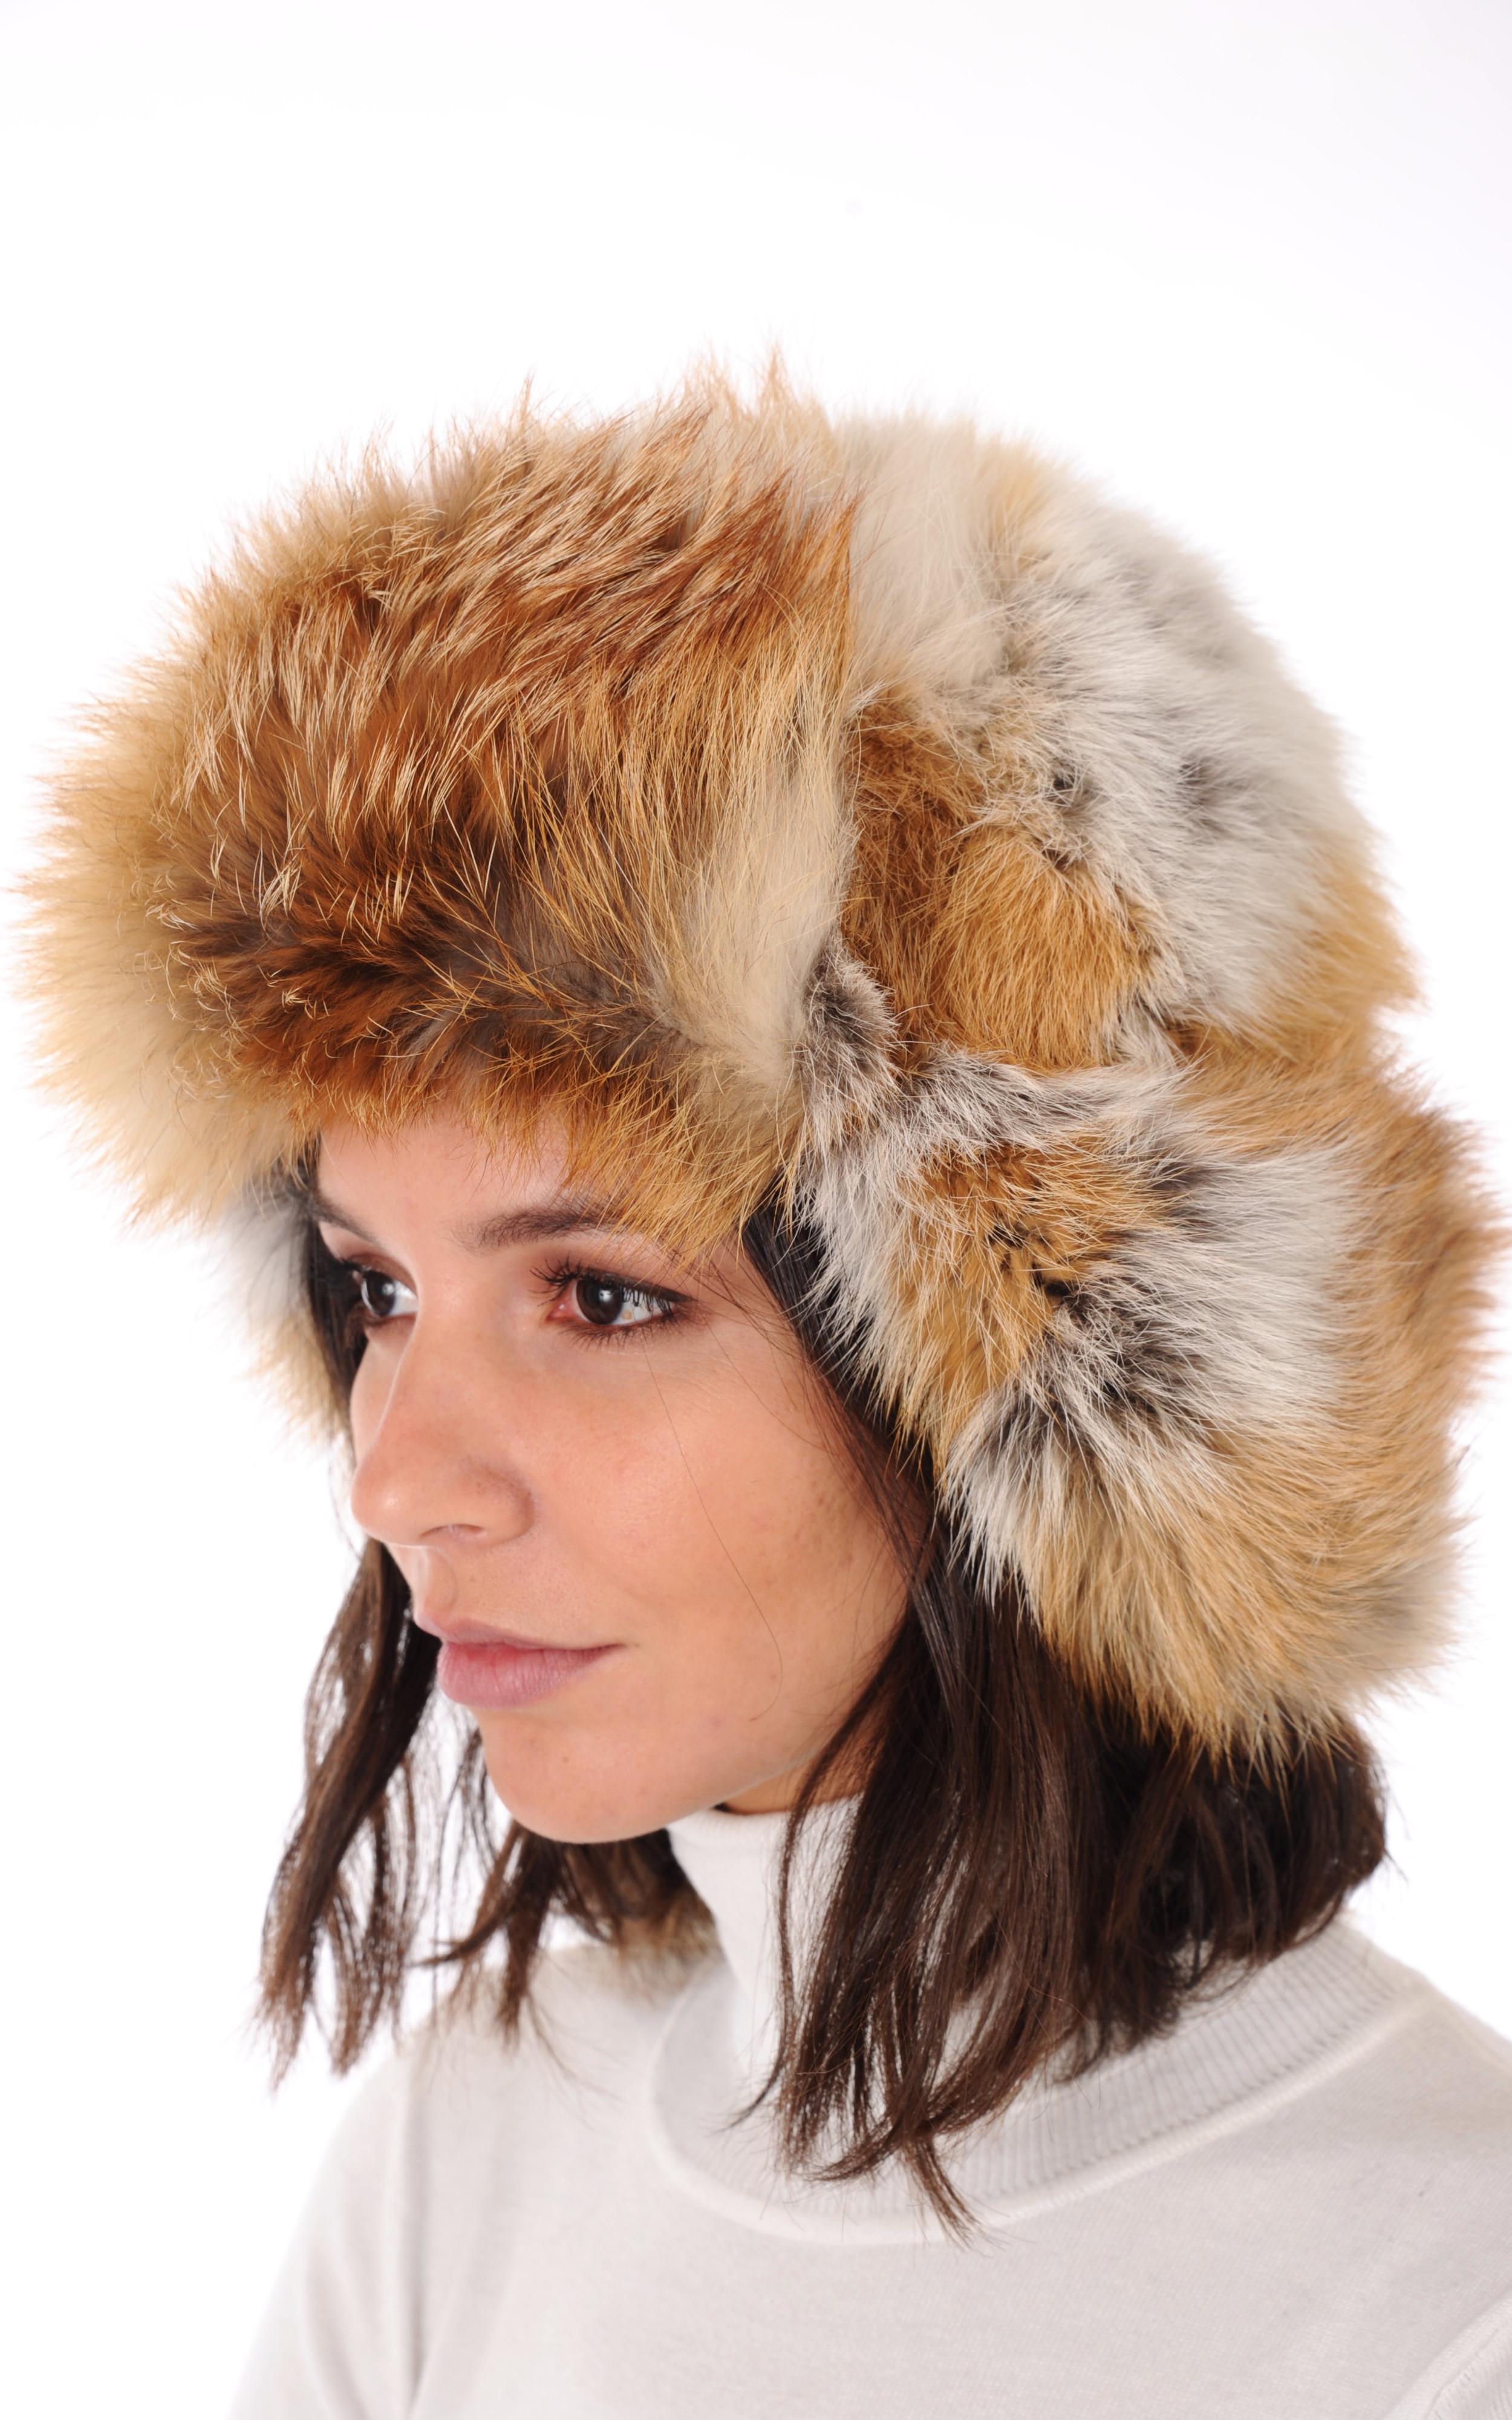 chapka renard wild la canadienne la canadienne toque bonnet chapka fourrure roux. Black Bedroom Furniture Sets. Home Design Ideas